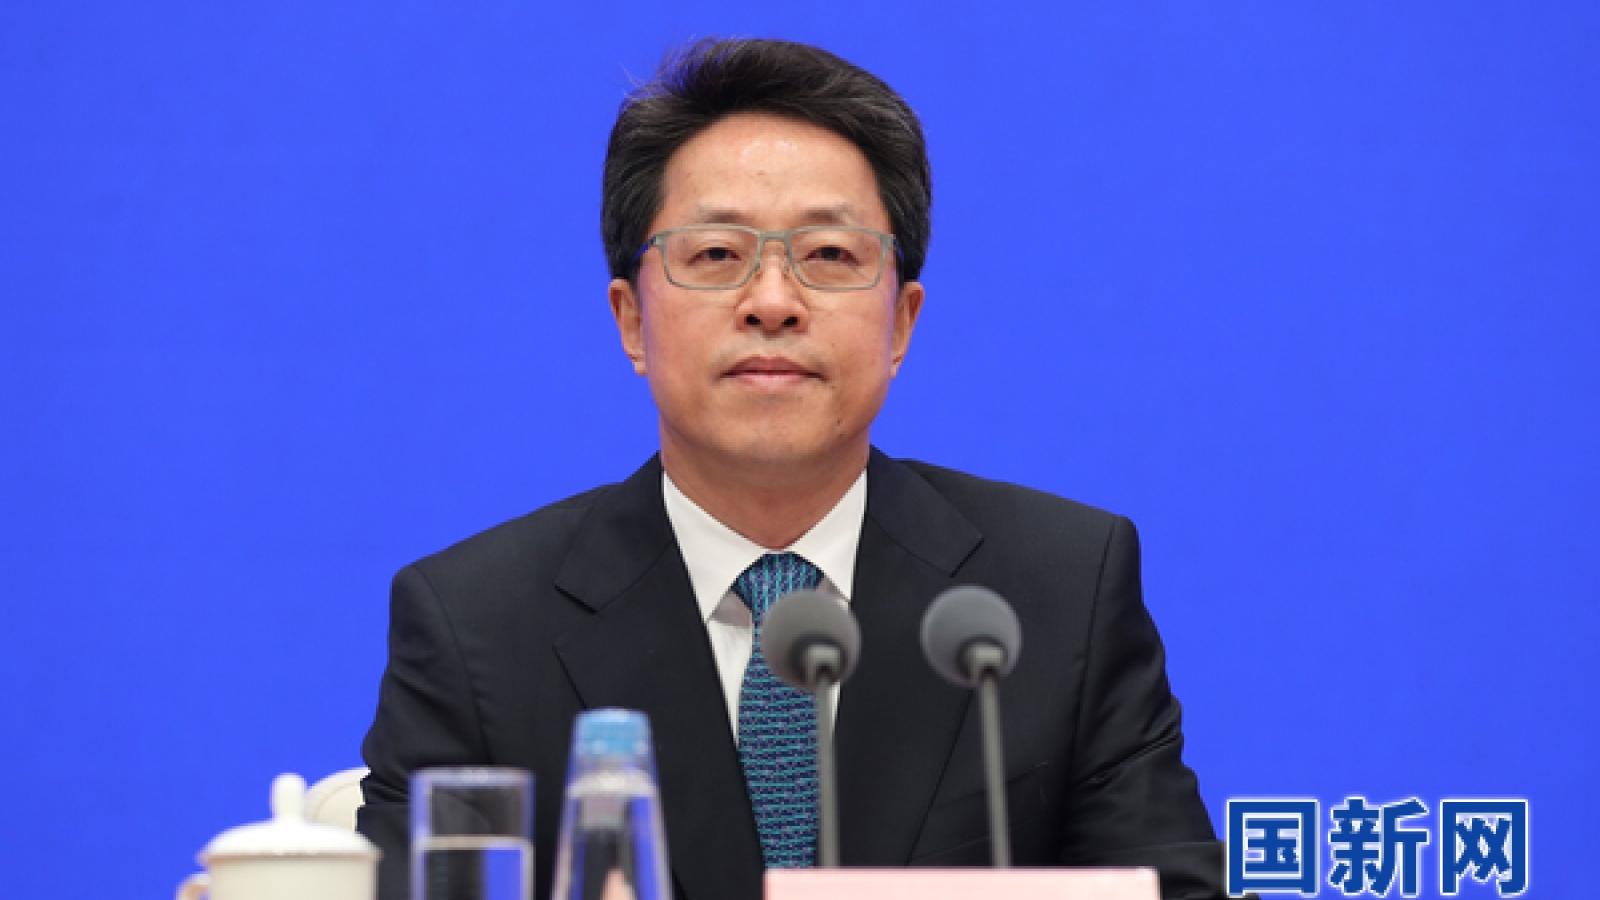 Trung Quốc tuyên bố không nhượng bộ trong vấn đề bầu cử ở Hong Kong